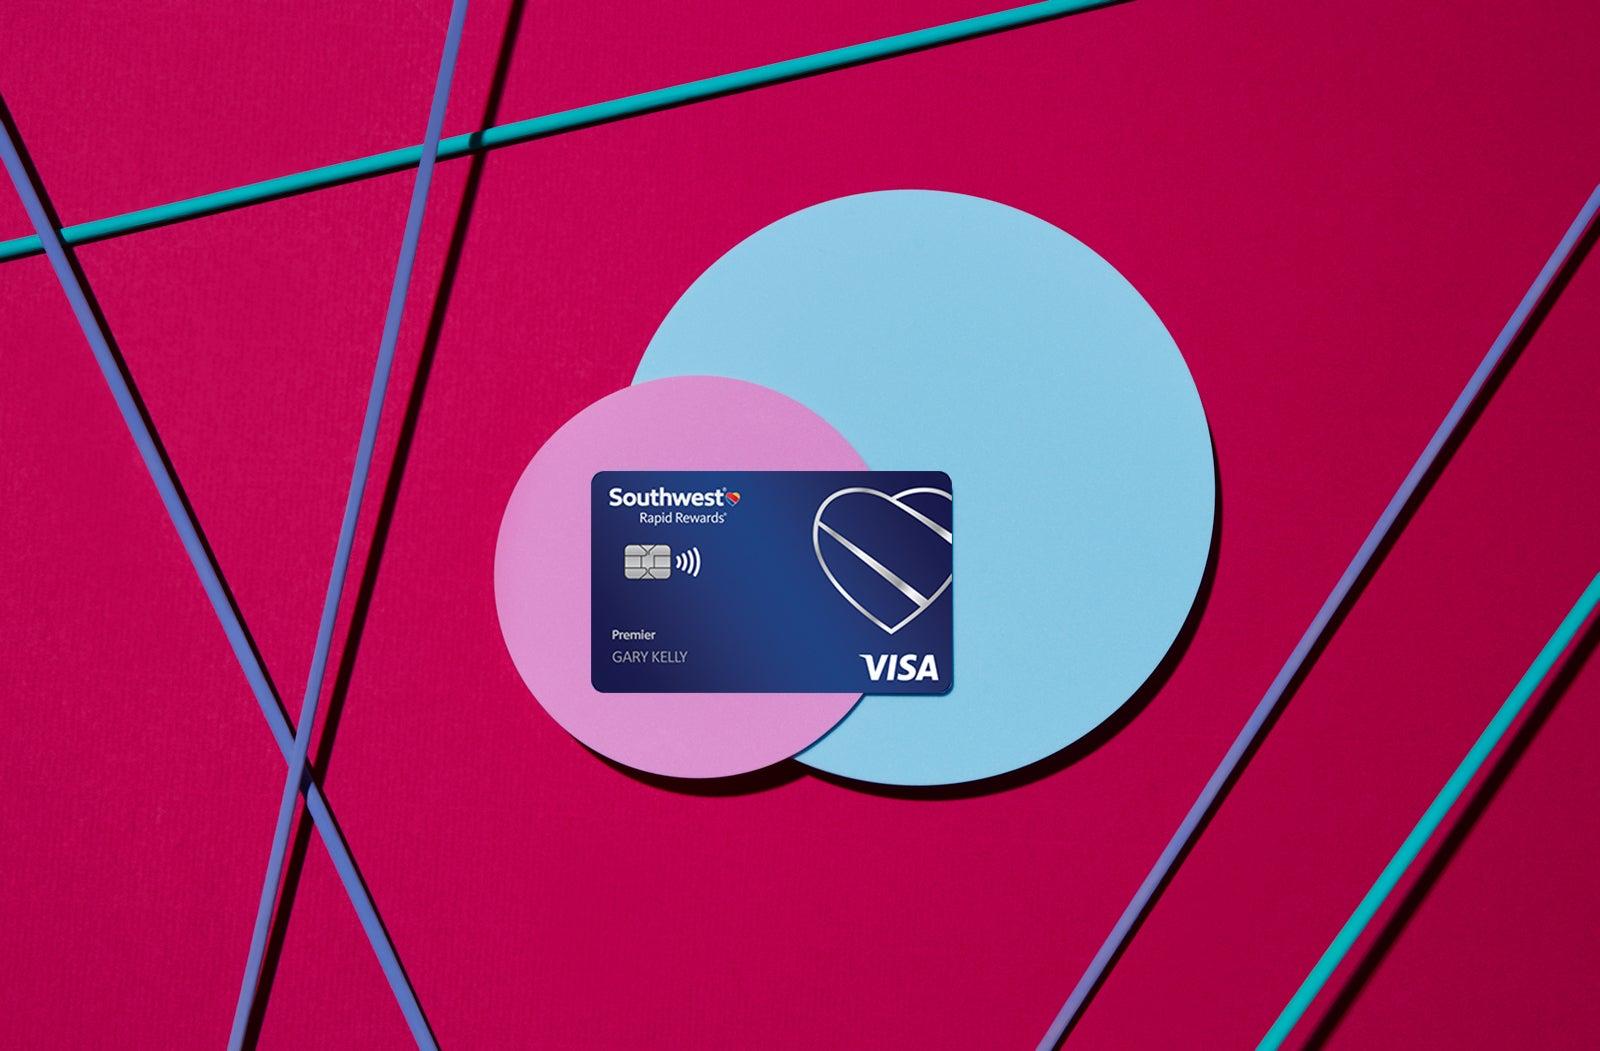 Southwest Rapid Rewards Premier Card review